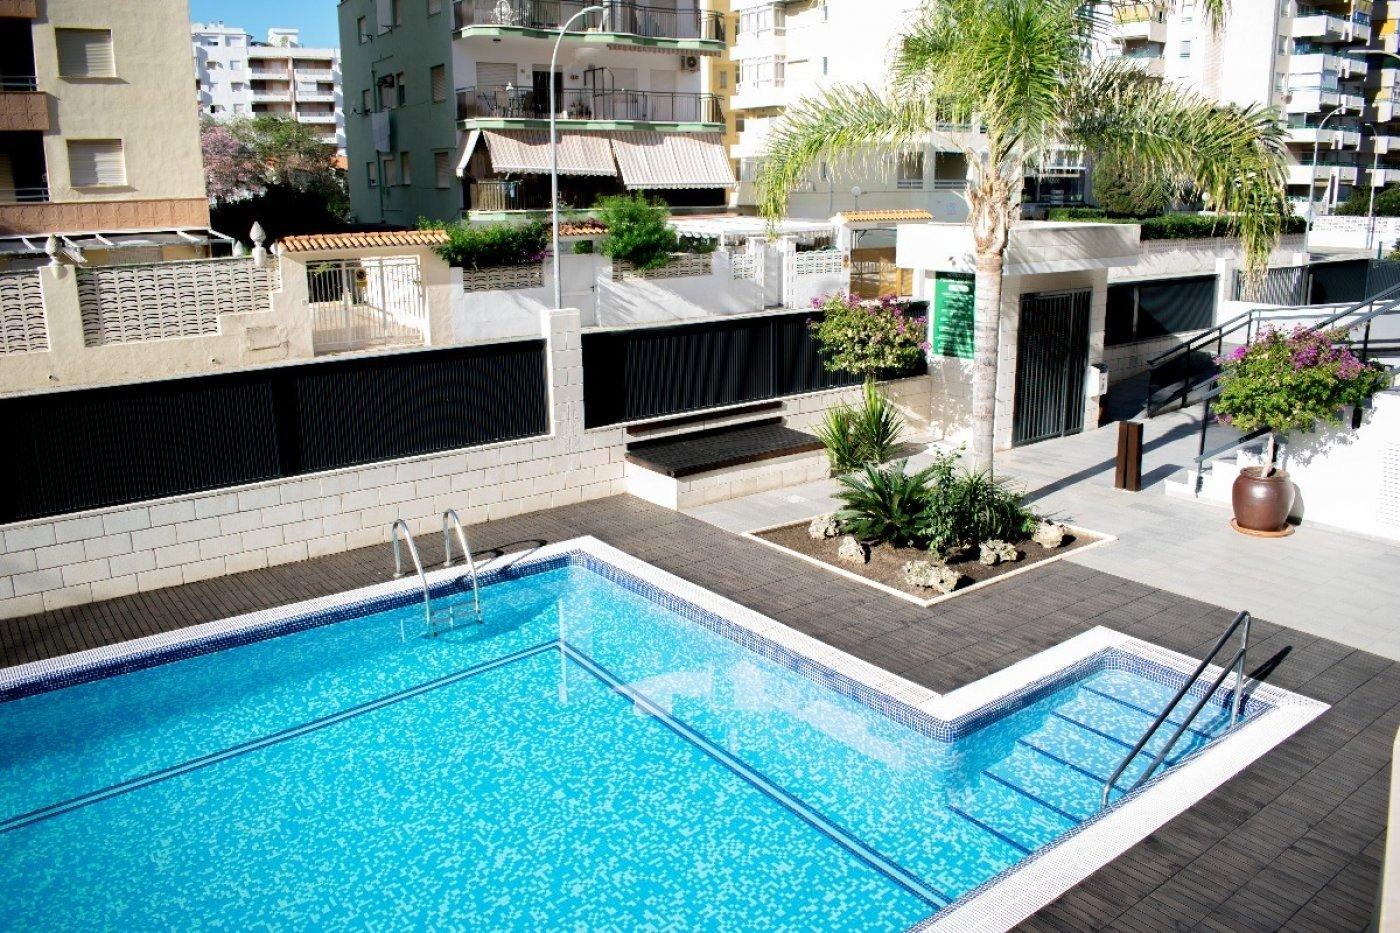 Apartamento en playa de gandia con piscina comunitaria y garaje incluido - imagenInmueble18